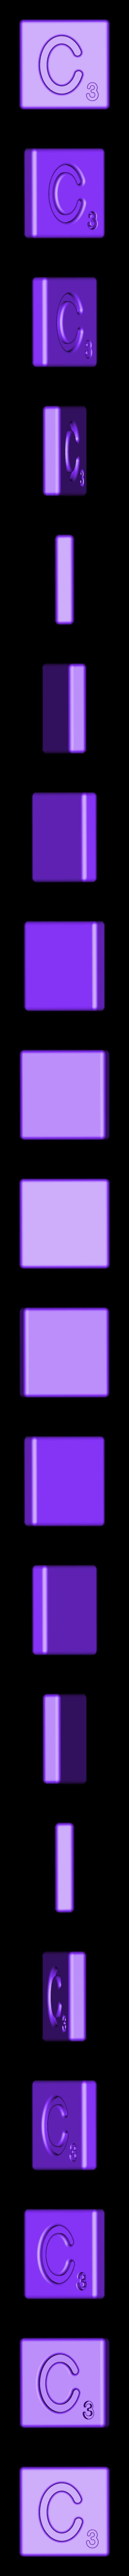 Single_Cut_C.STL Télécharger fichier STL gratuit Pièces et support SCRABBBLE • Design pour imprimante 3D, Balkhagal4D